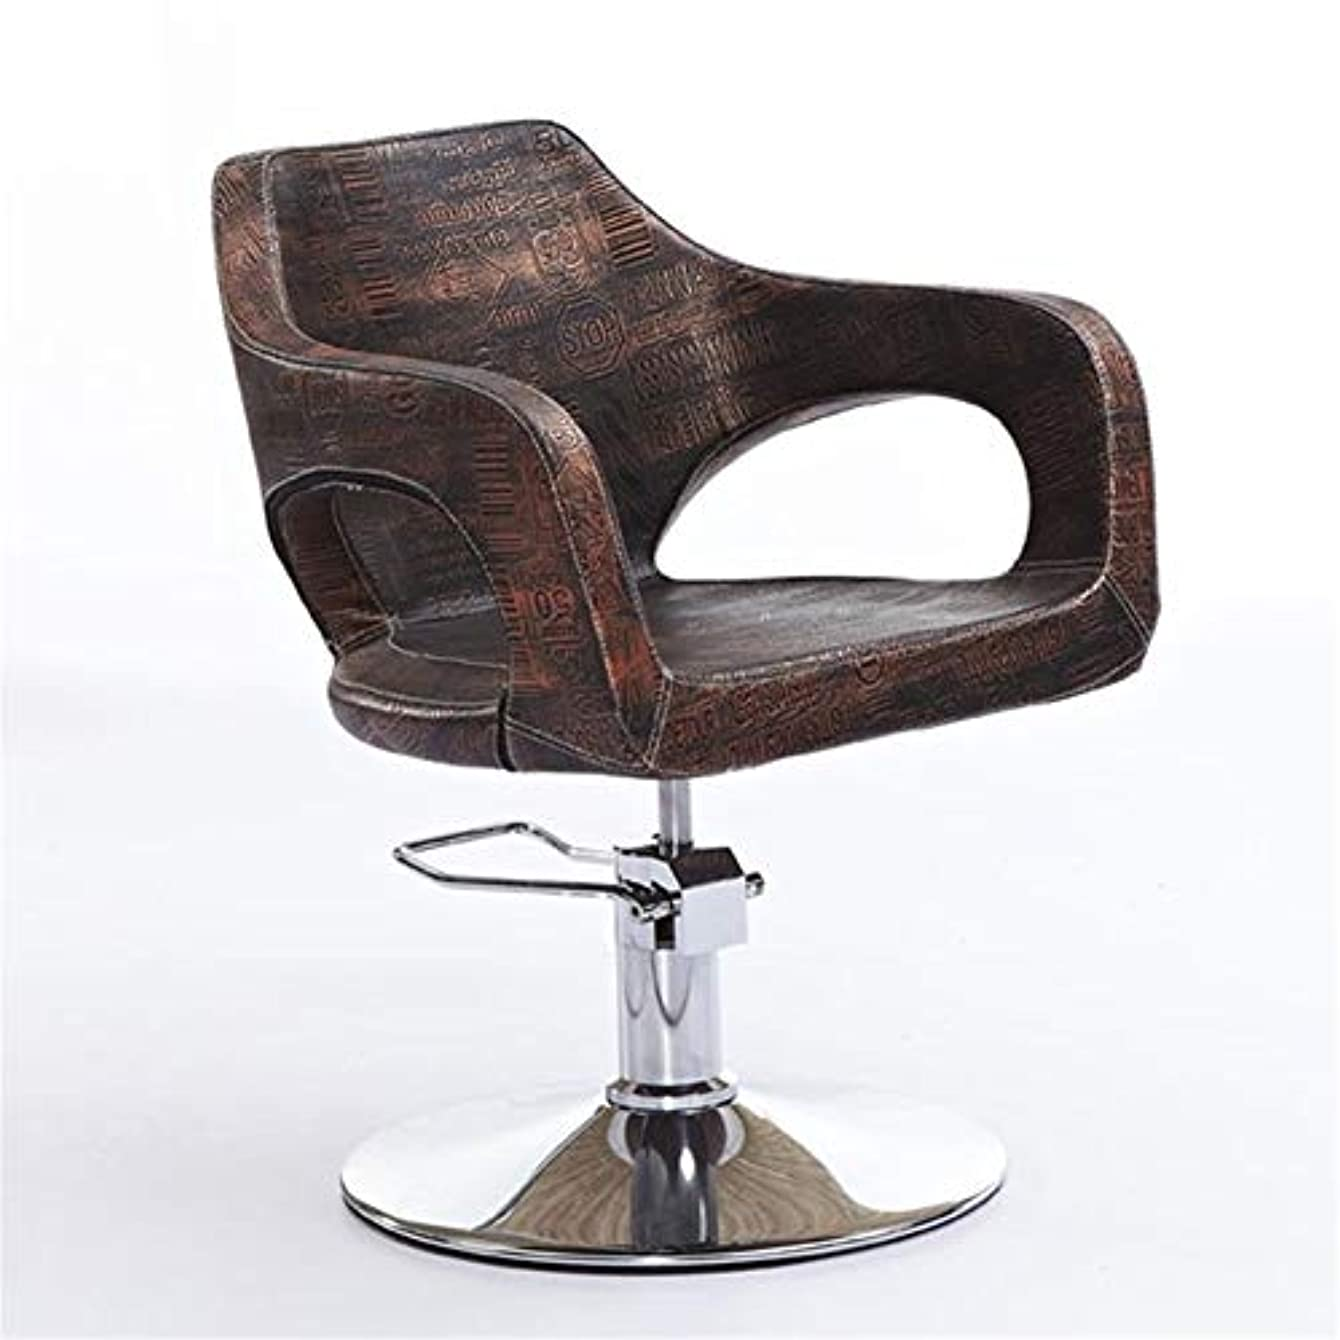 サロンチェアファッションヘアサロンチェア美容ヘアカットチェア油圧理髪チェア調節可能な高さ特別なヘアサロン機器,D